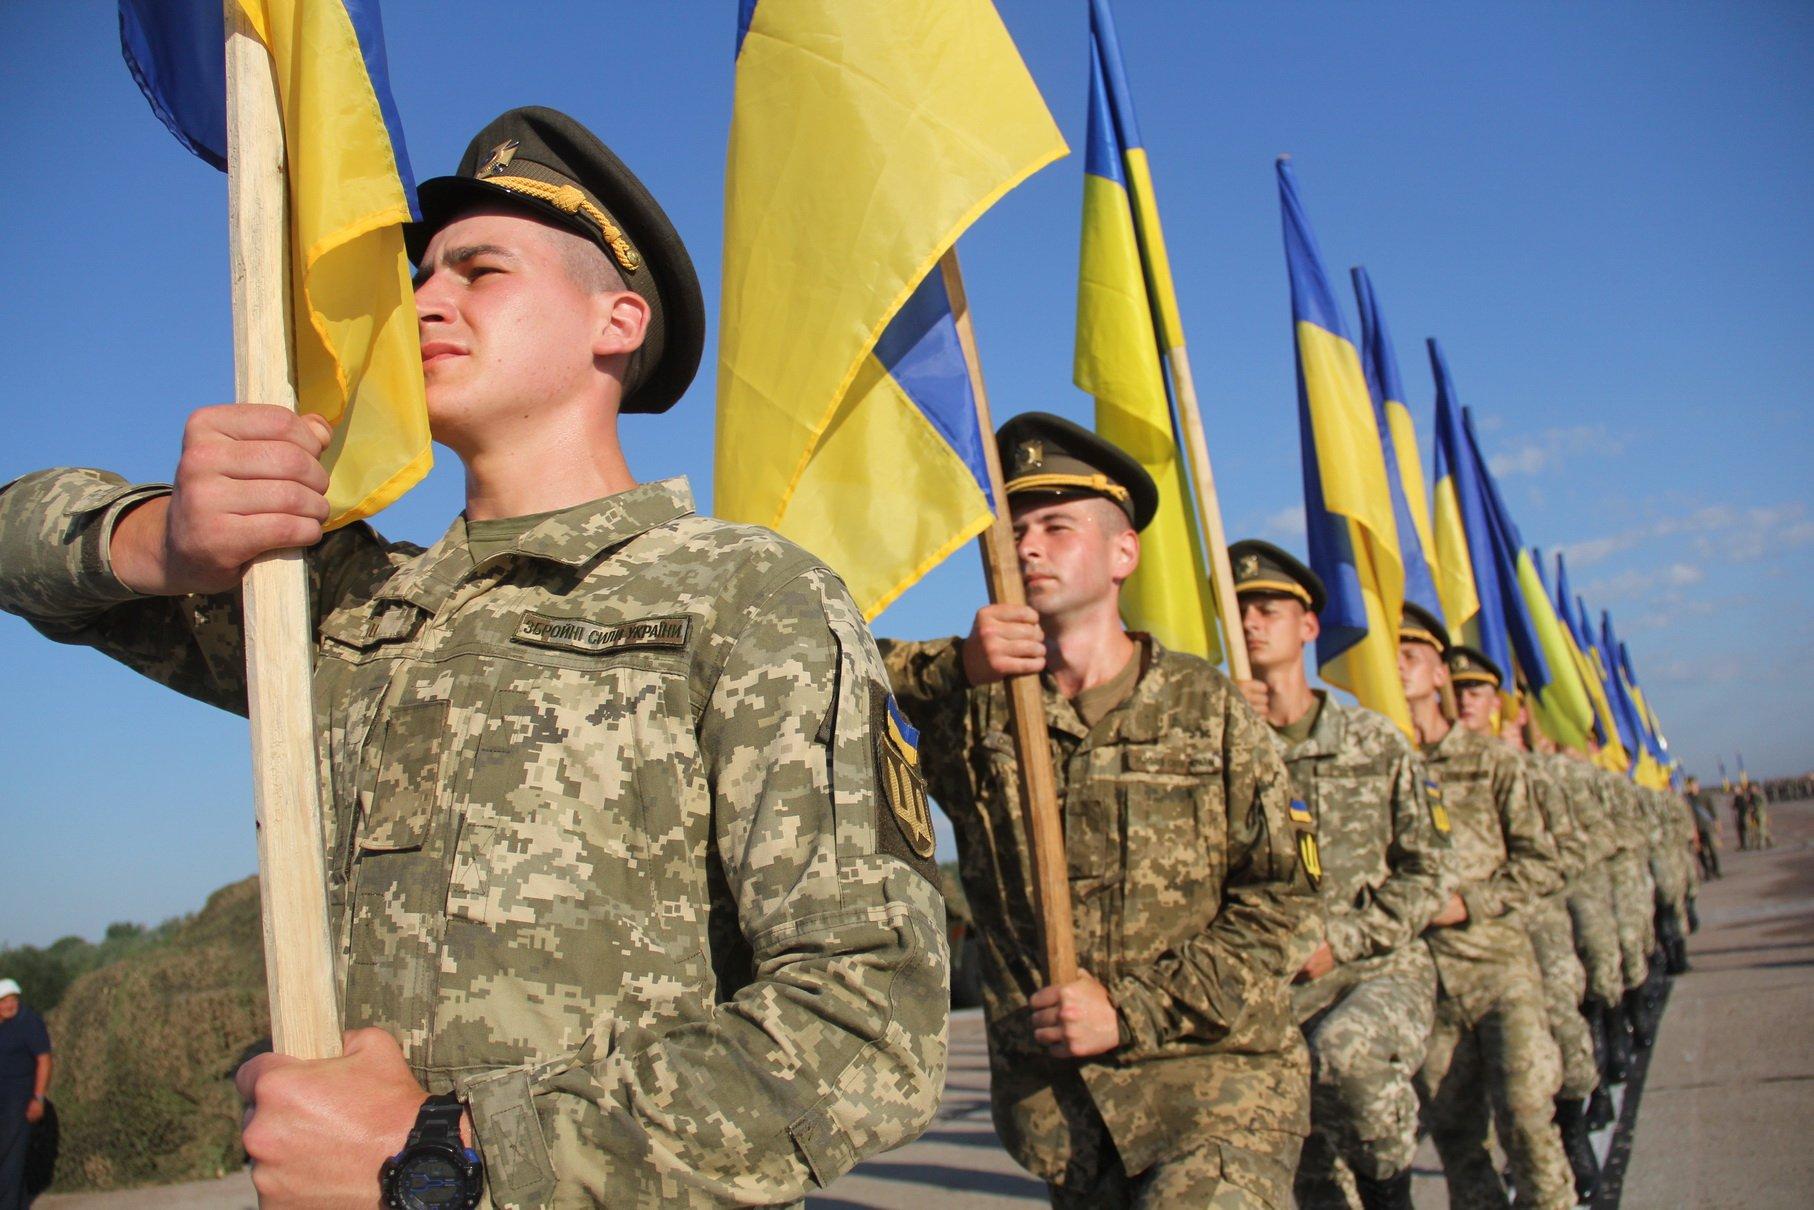 картинки украинских войск лямок обычно